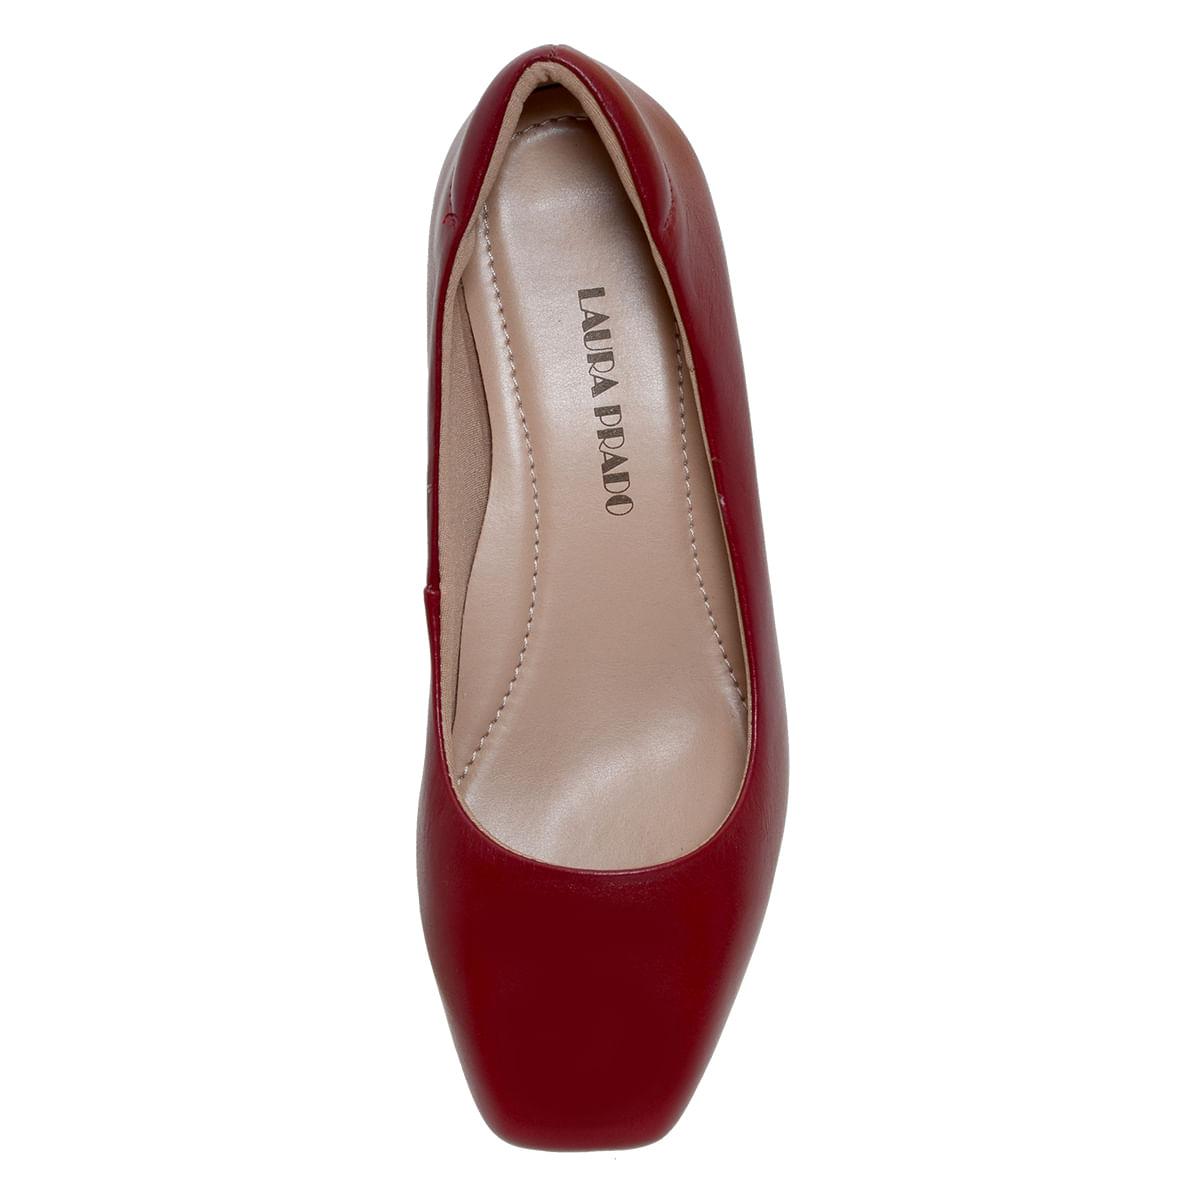 19a0dfc2f Sapato fechado confort Vermelho - Laura Prado